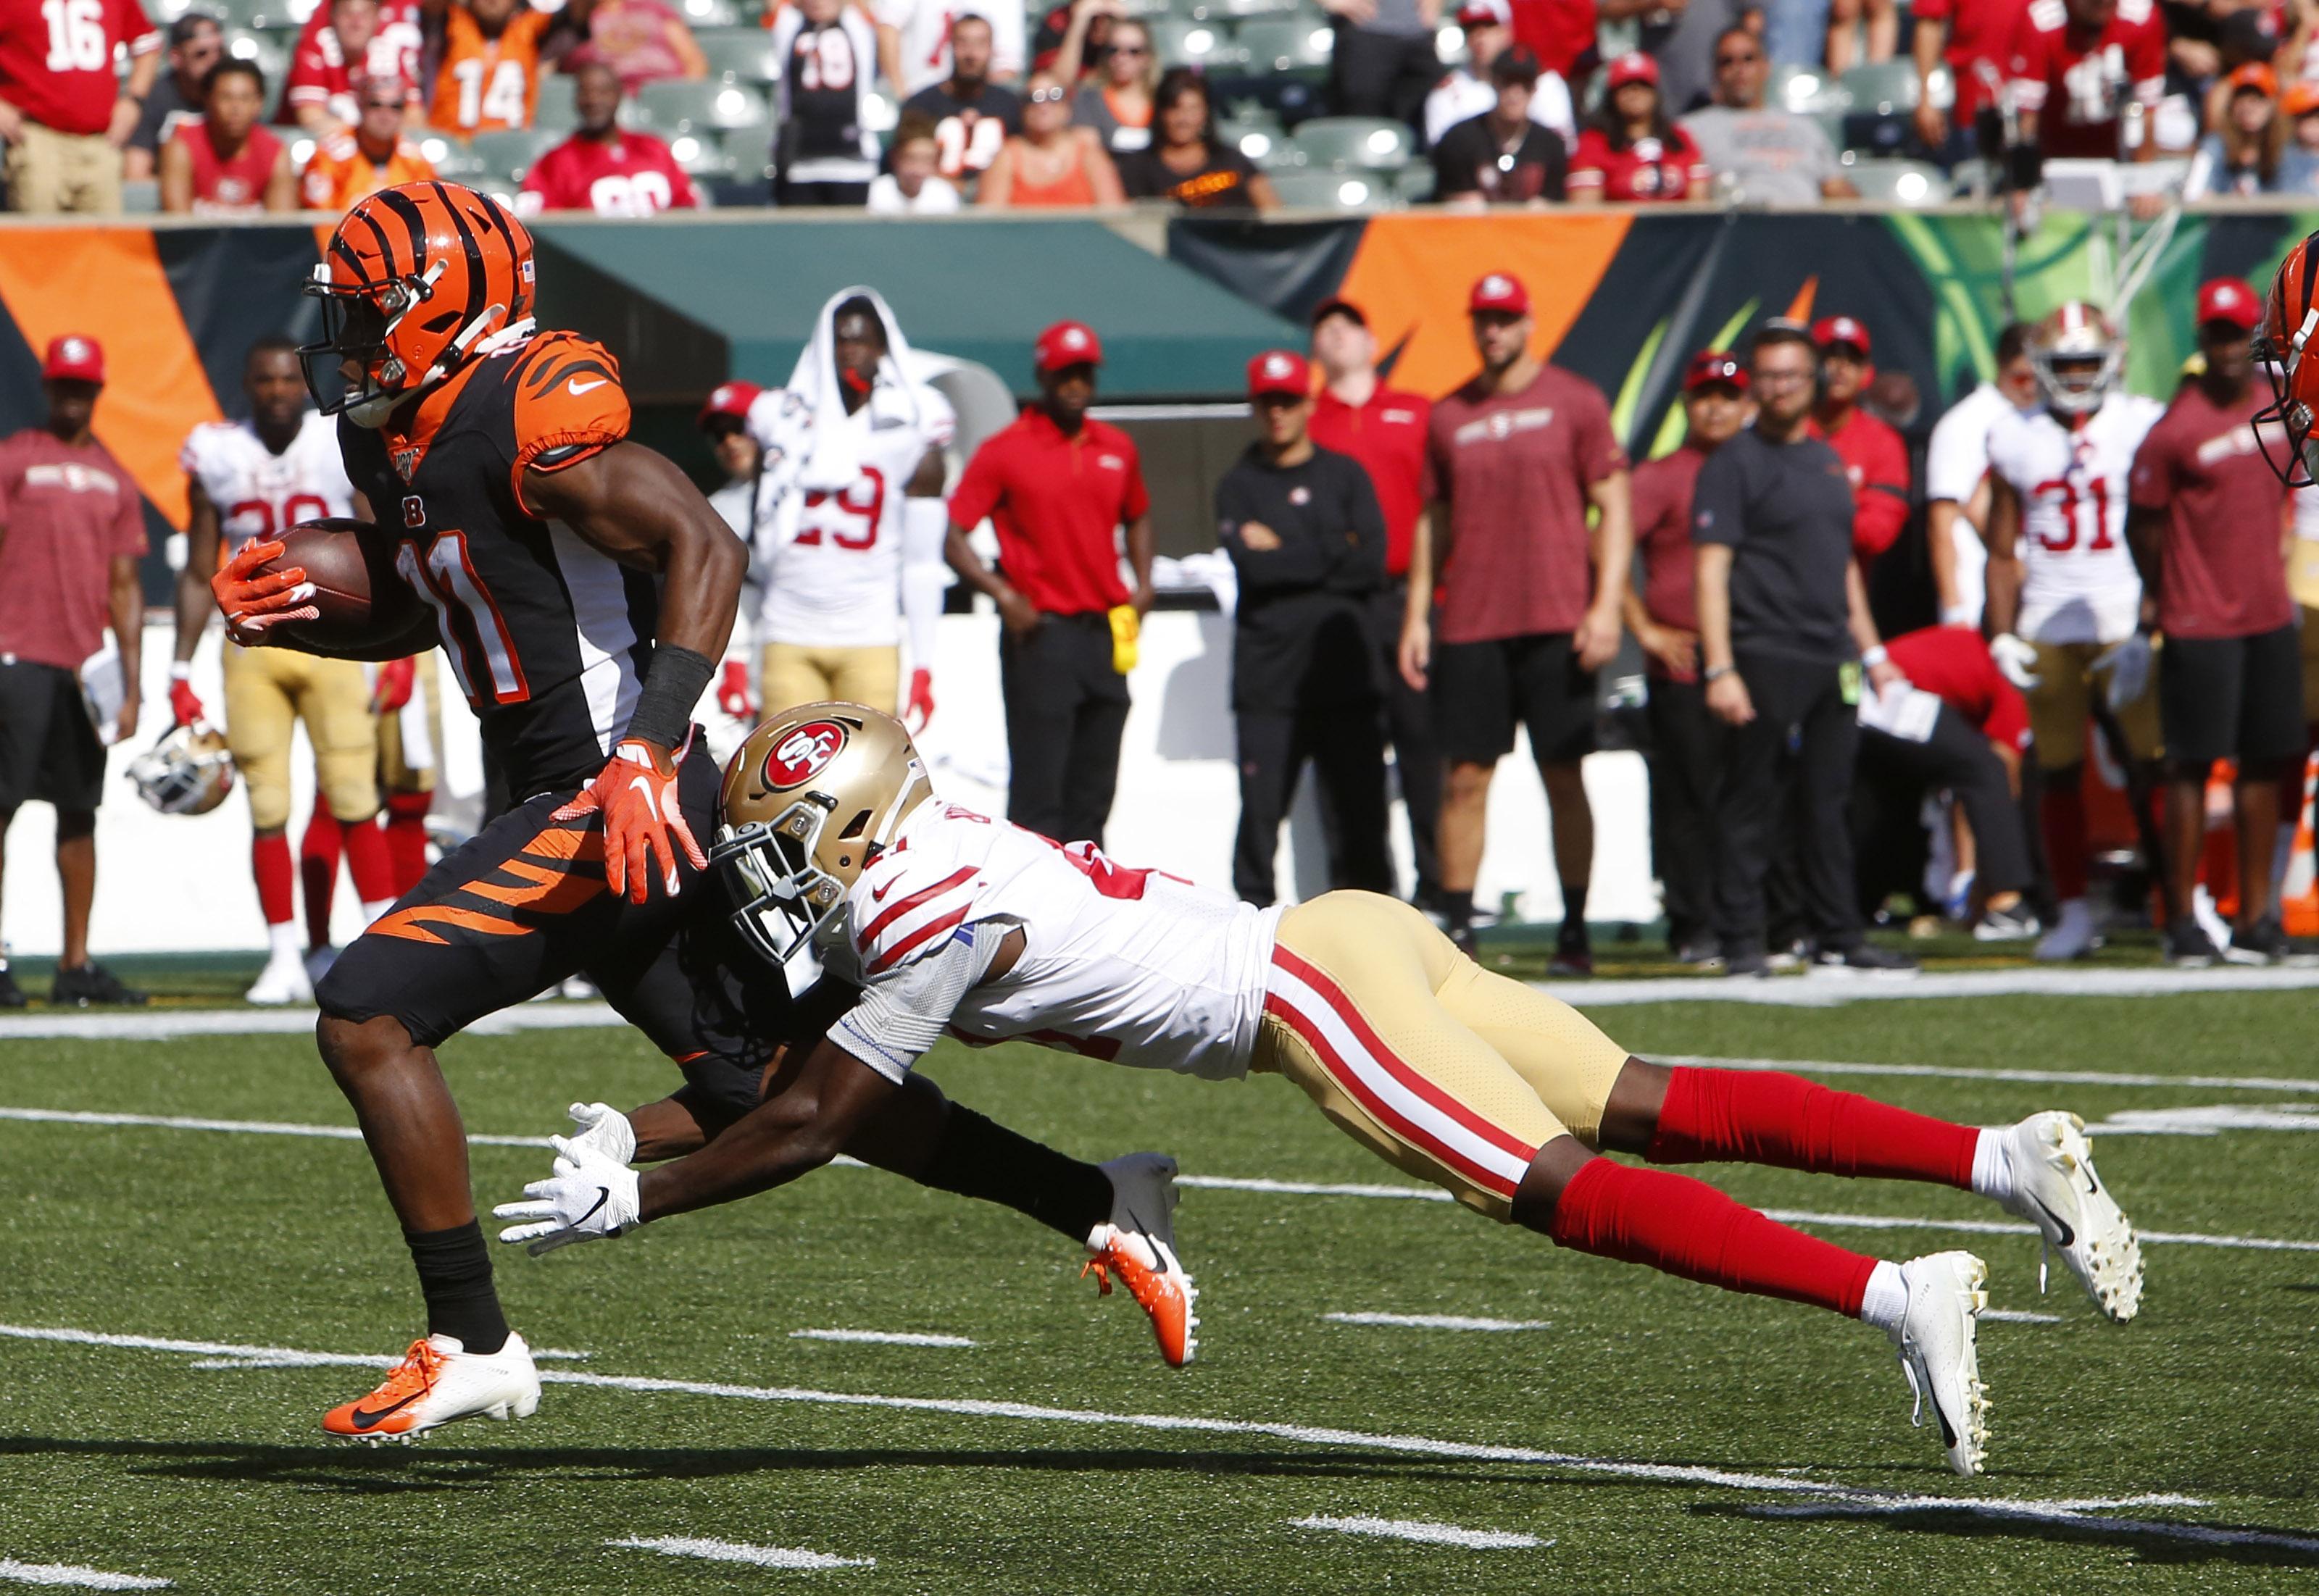 NFL: San Francisco 49ers at Cincinnati Bengals